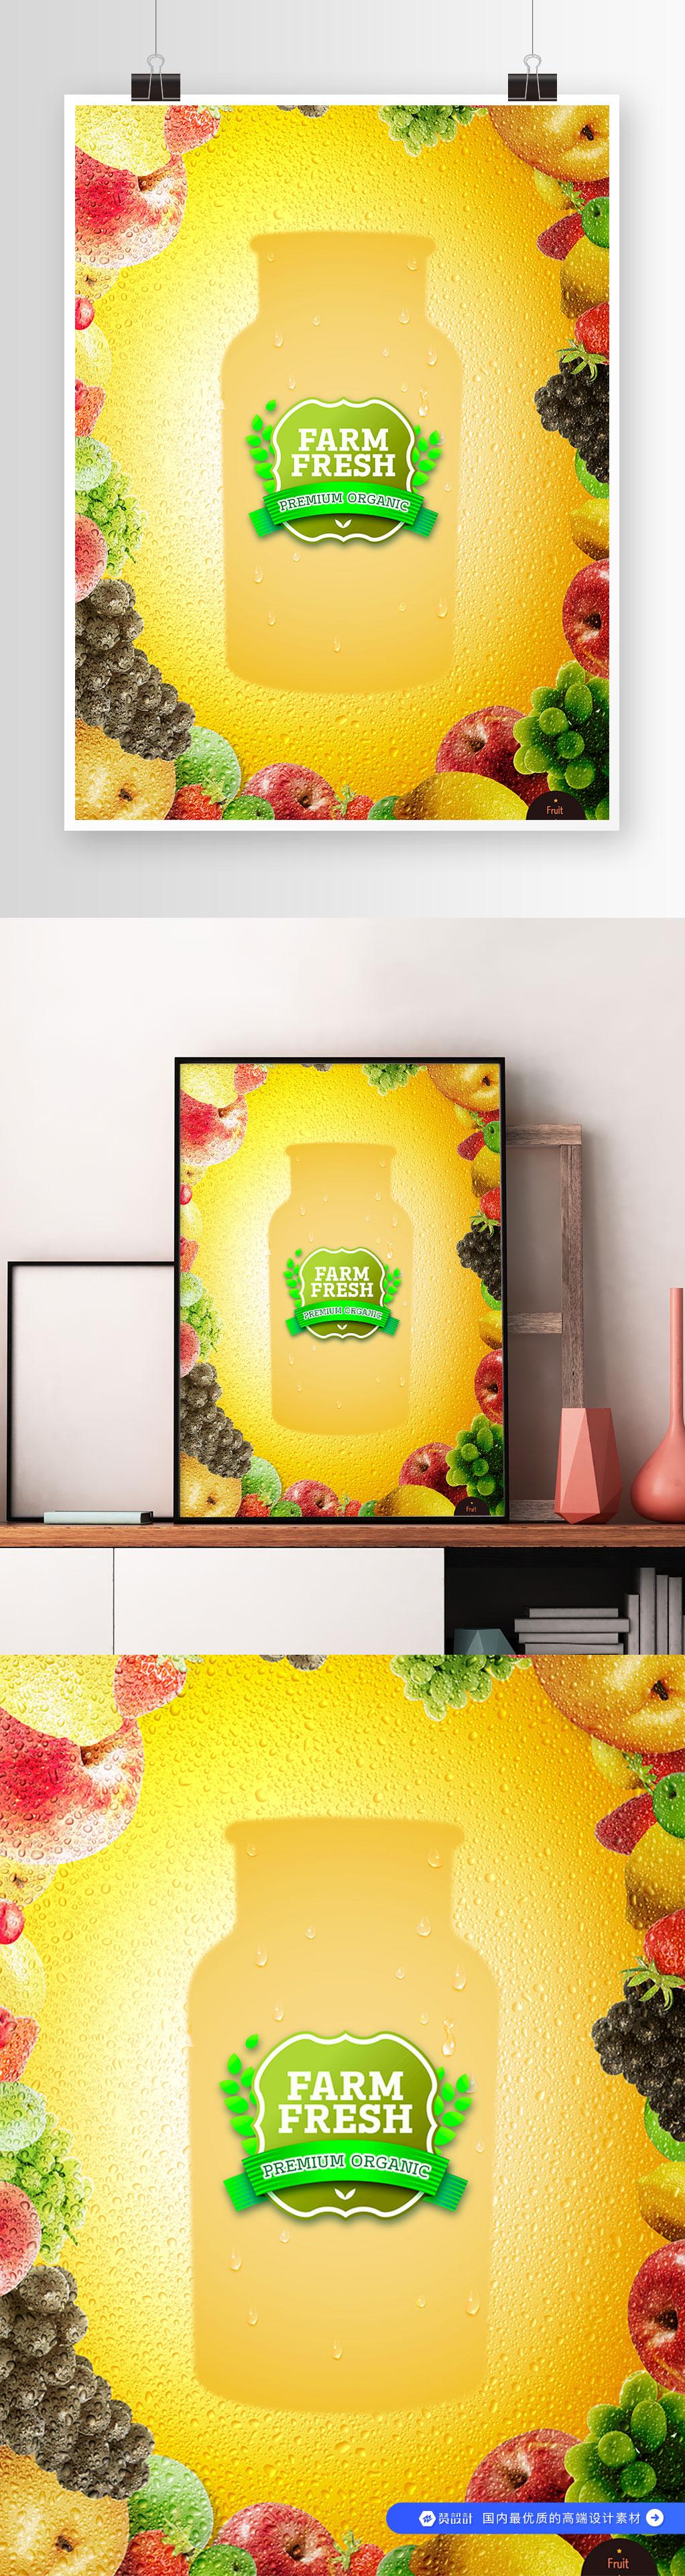 水果饮品简约创意冷饮店宣传海报